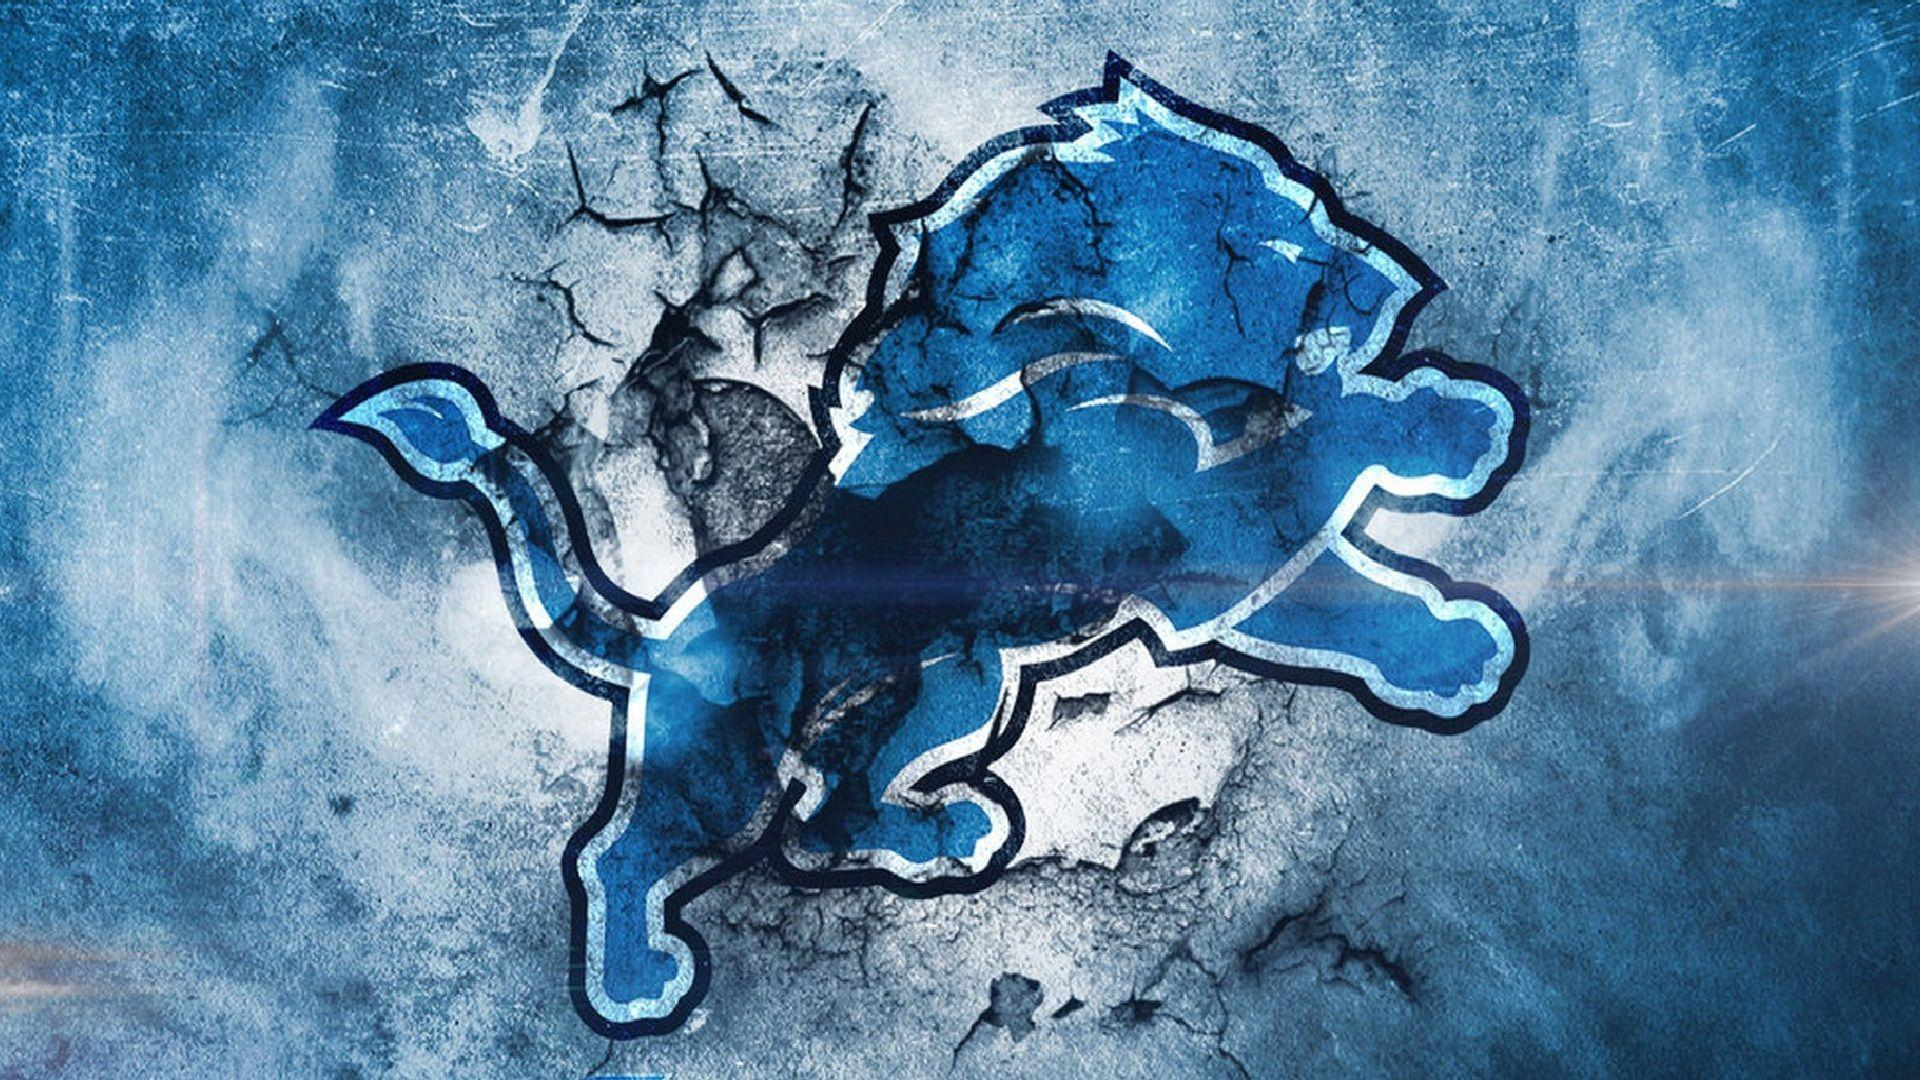 Detroit Lions 2018 Wallpapers - Wallpaper Cave